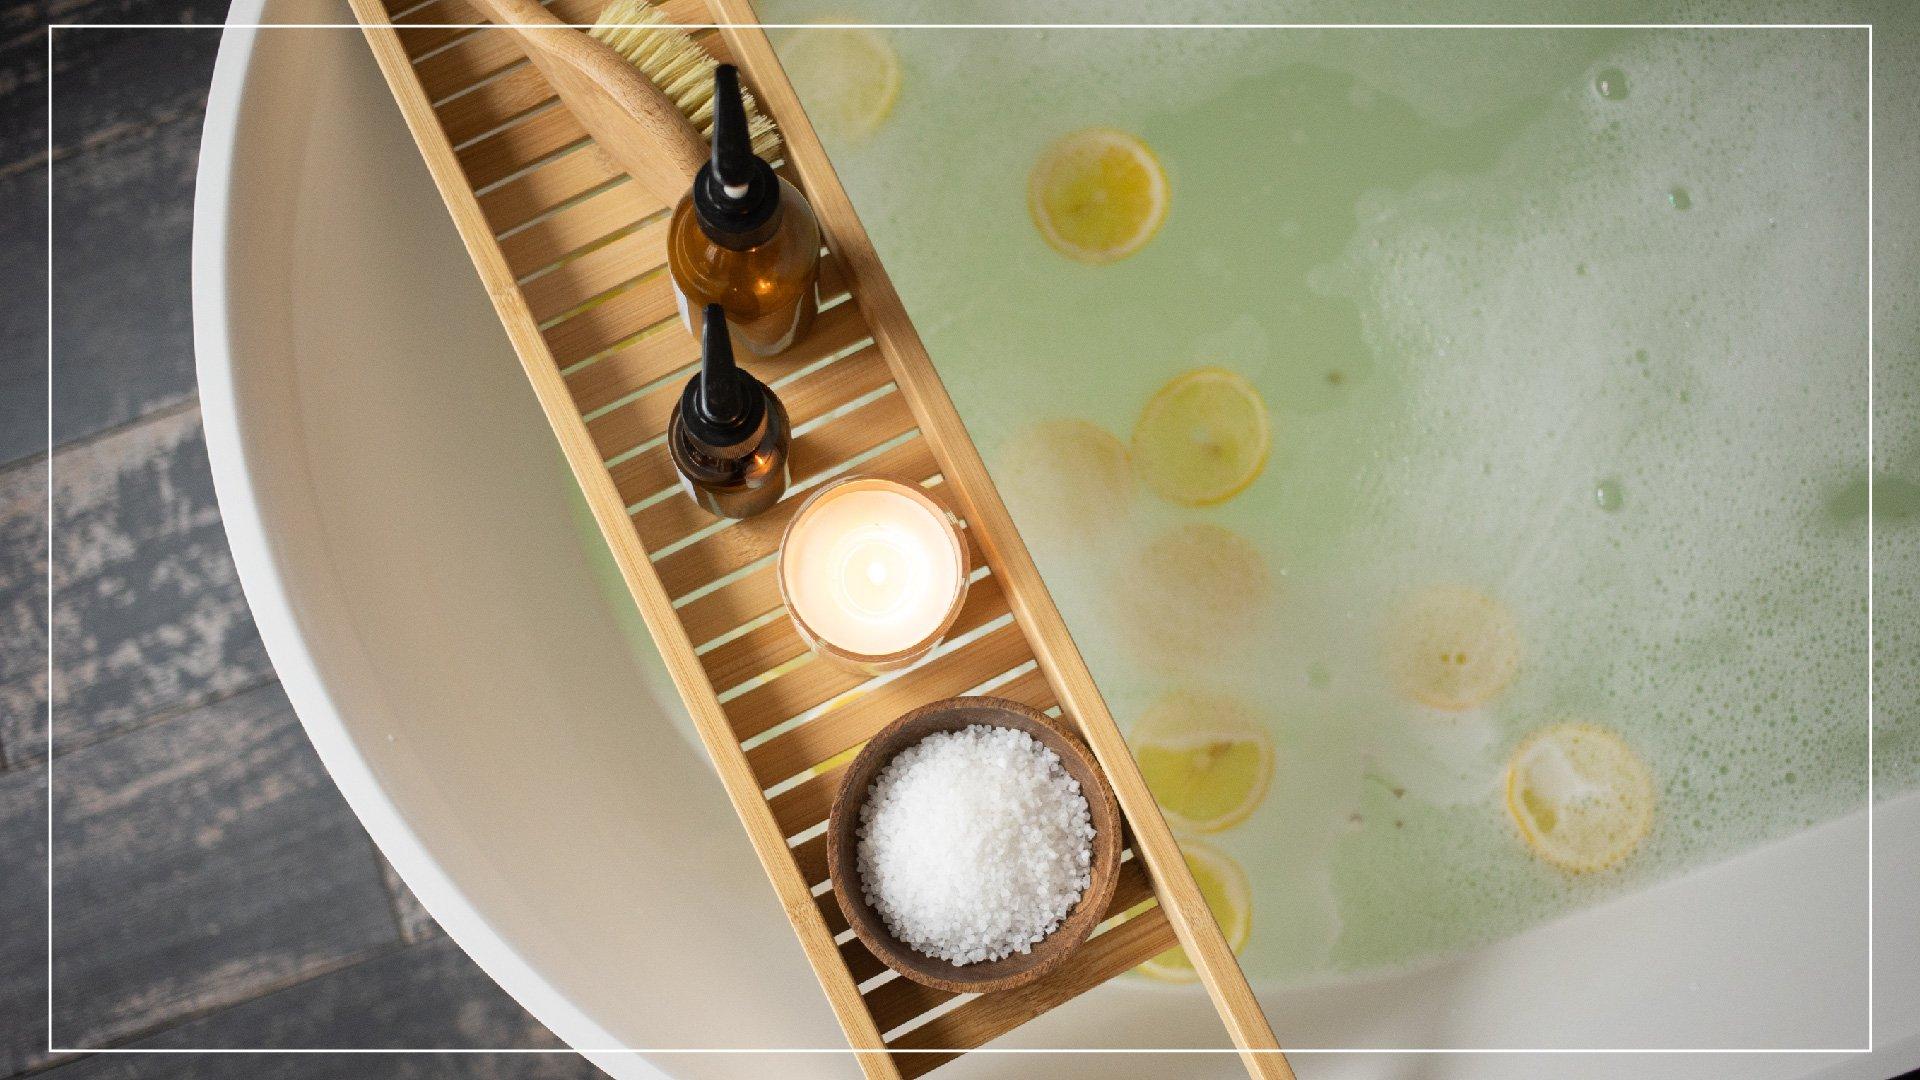 21個用天然美食泡澡的IDEA,你試過了嗎? 3